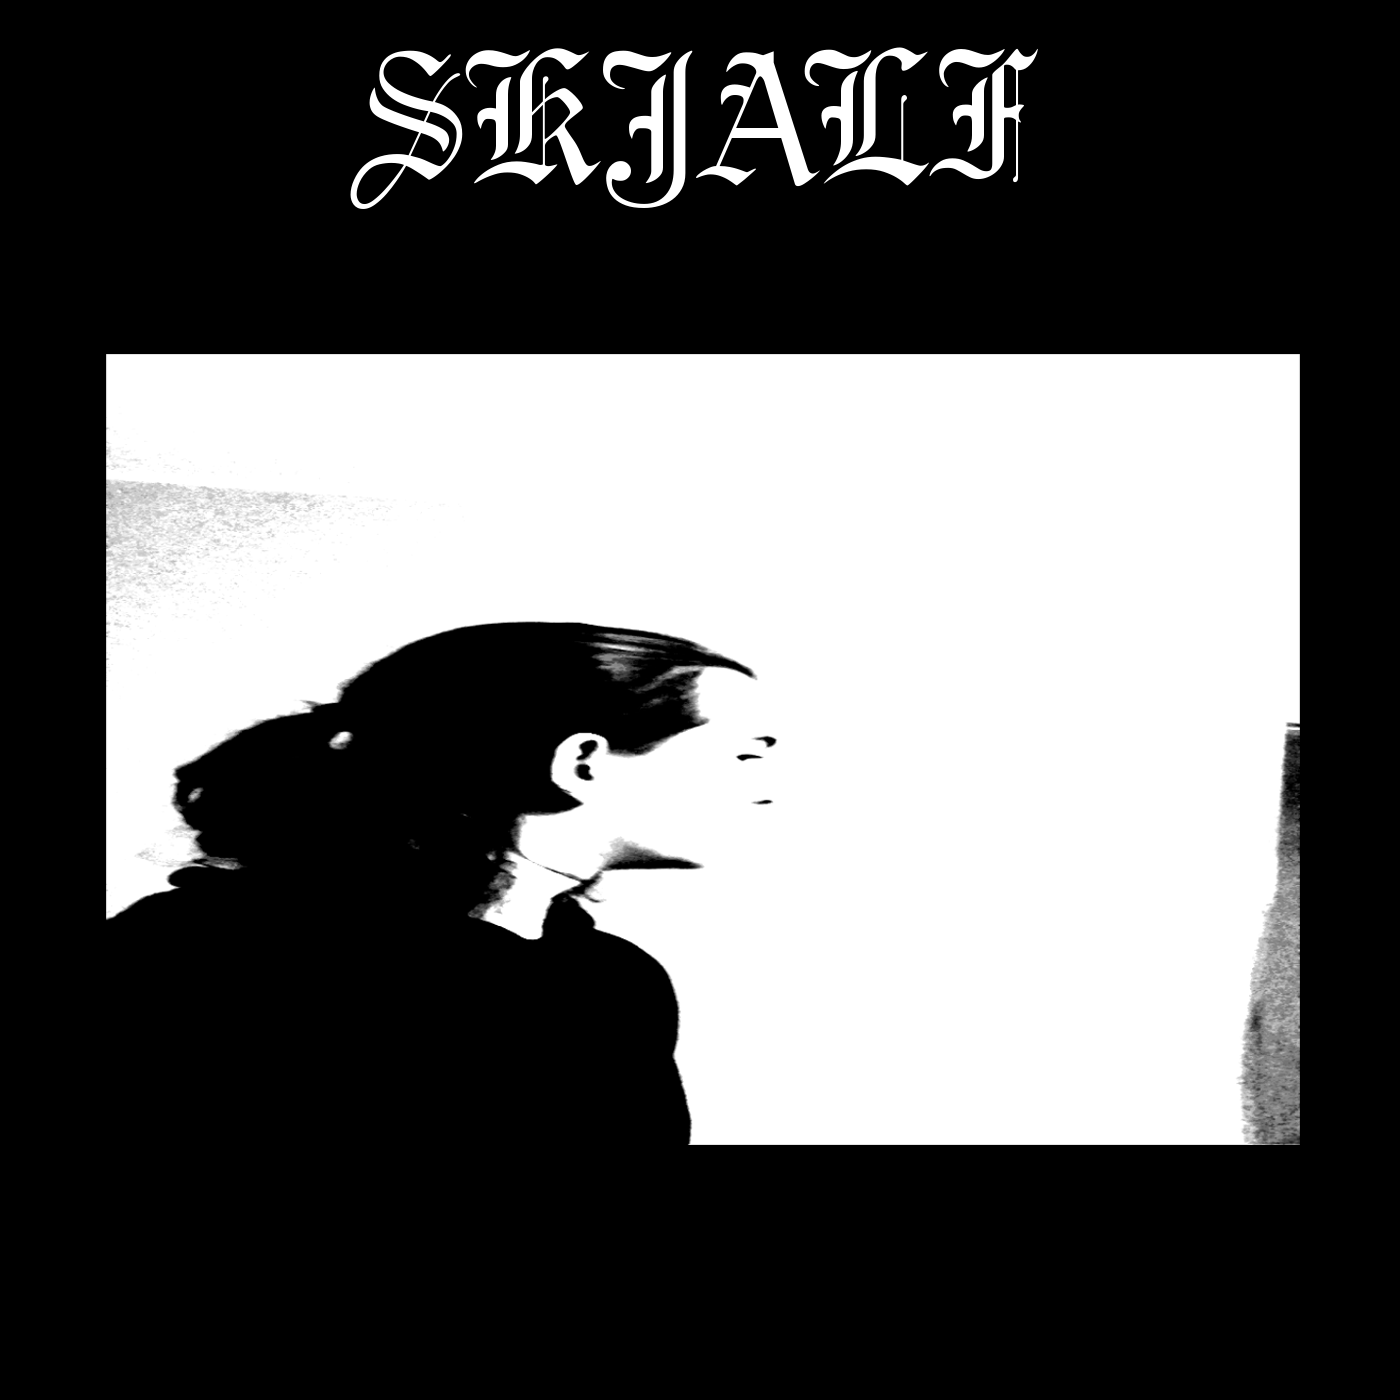 Skjalf - Photo